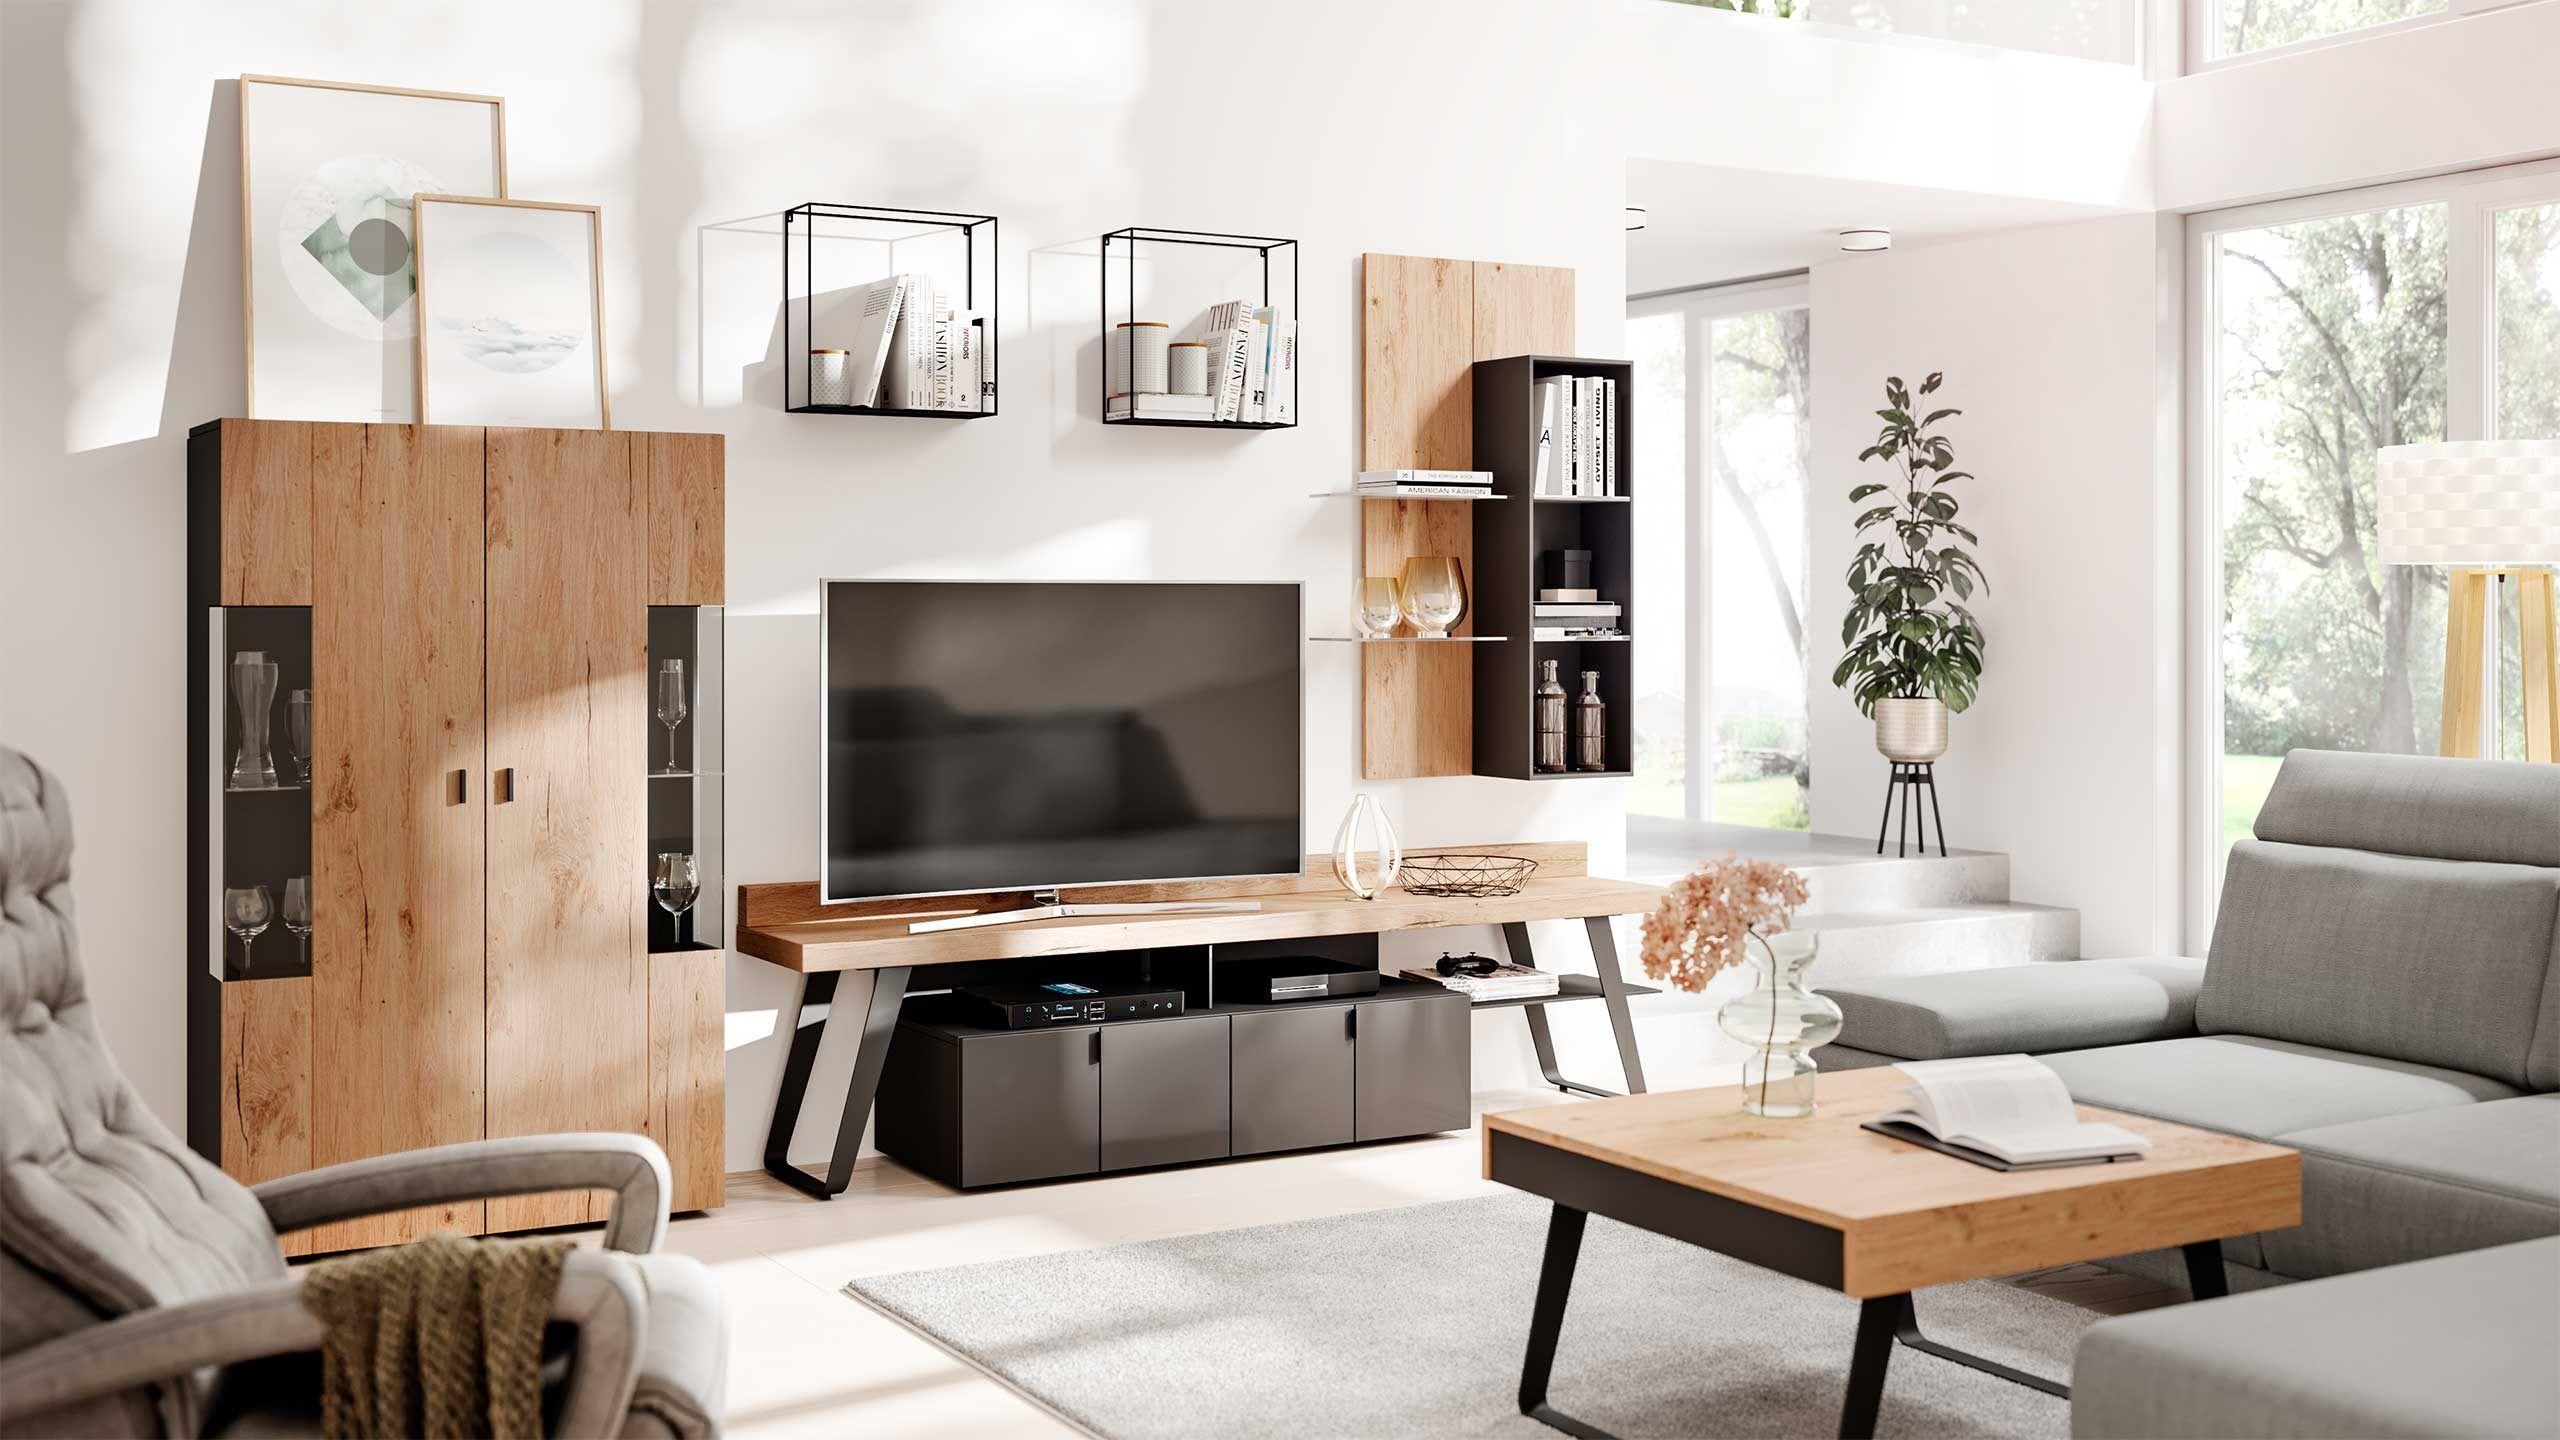 Interliving Wohnzimmer Serie 2105 Interliving Wohnen Wohnzimmer Einrichten Wohnzimmermöbel